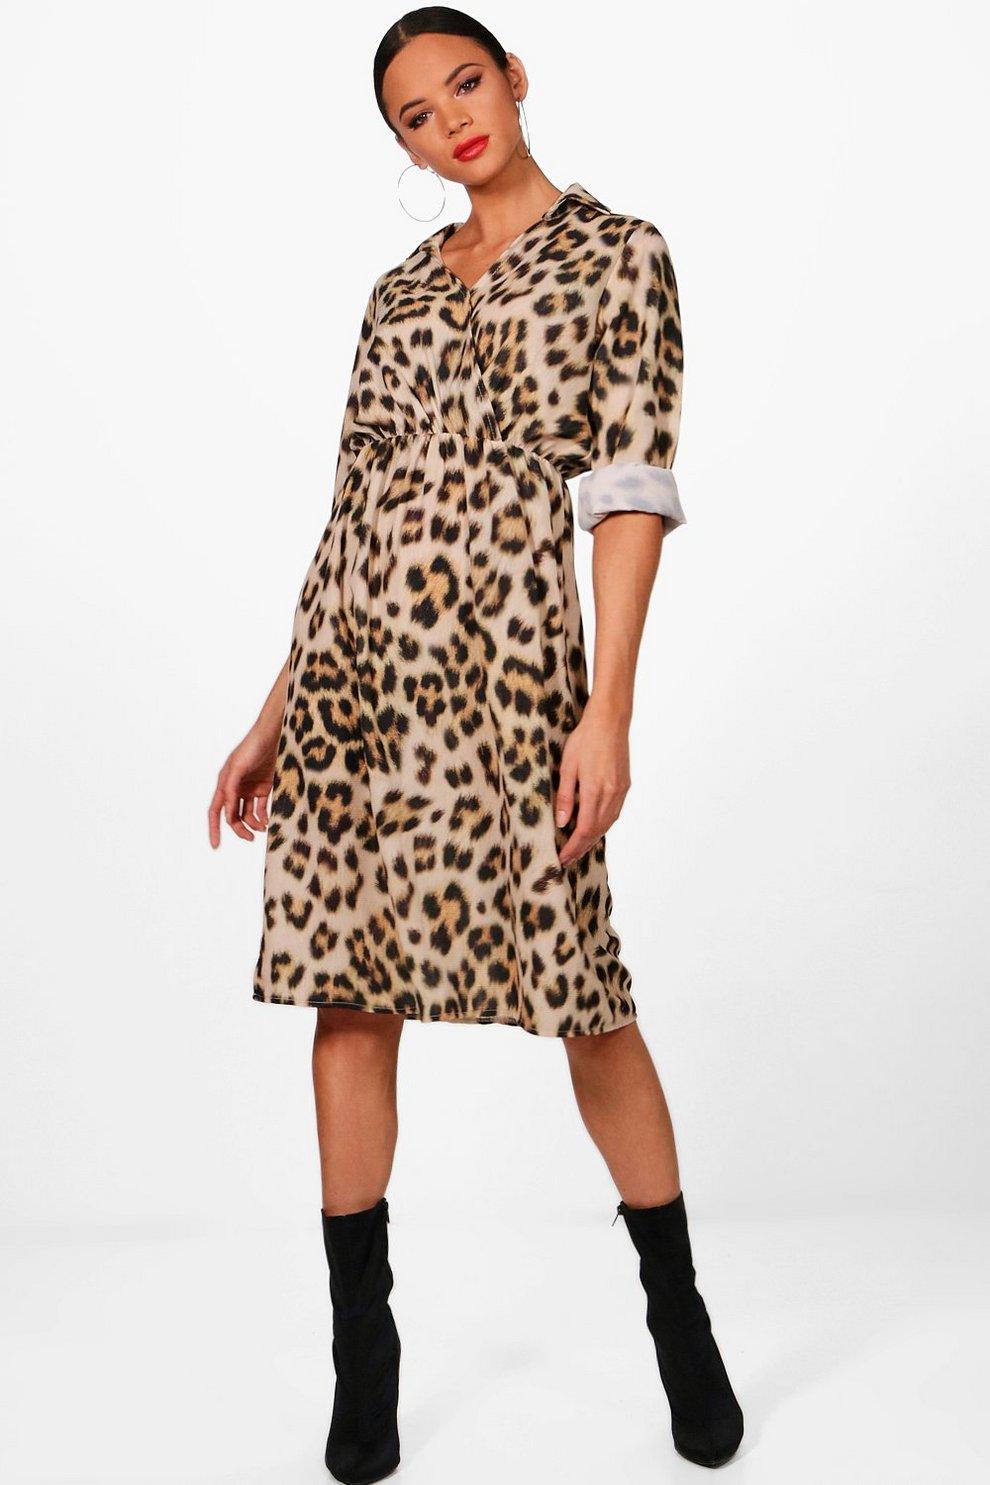 bdd1db8e3029 Luxe Satin Leopard Print Wrap Dress   Boohoo